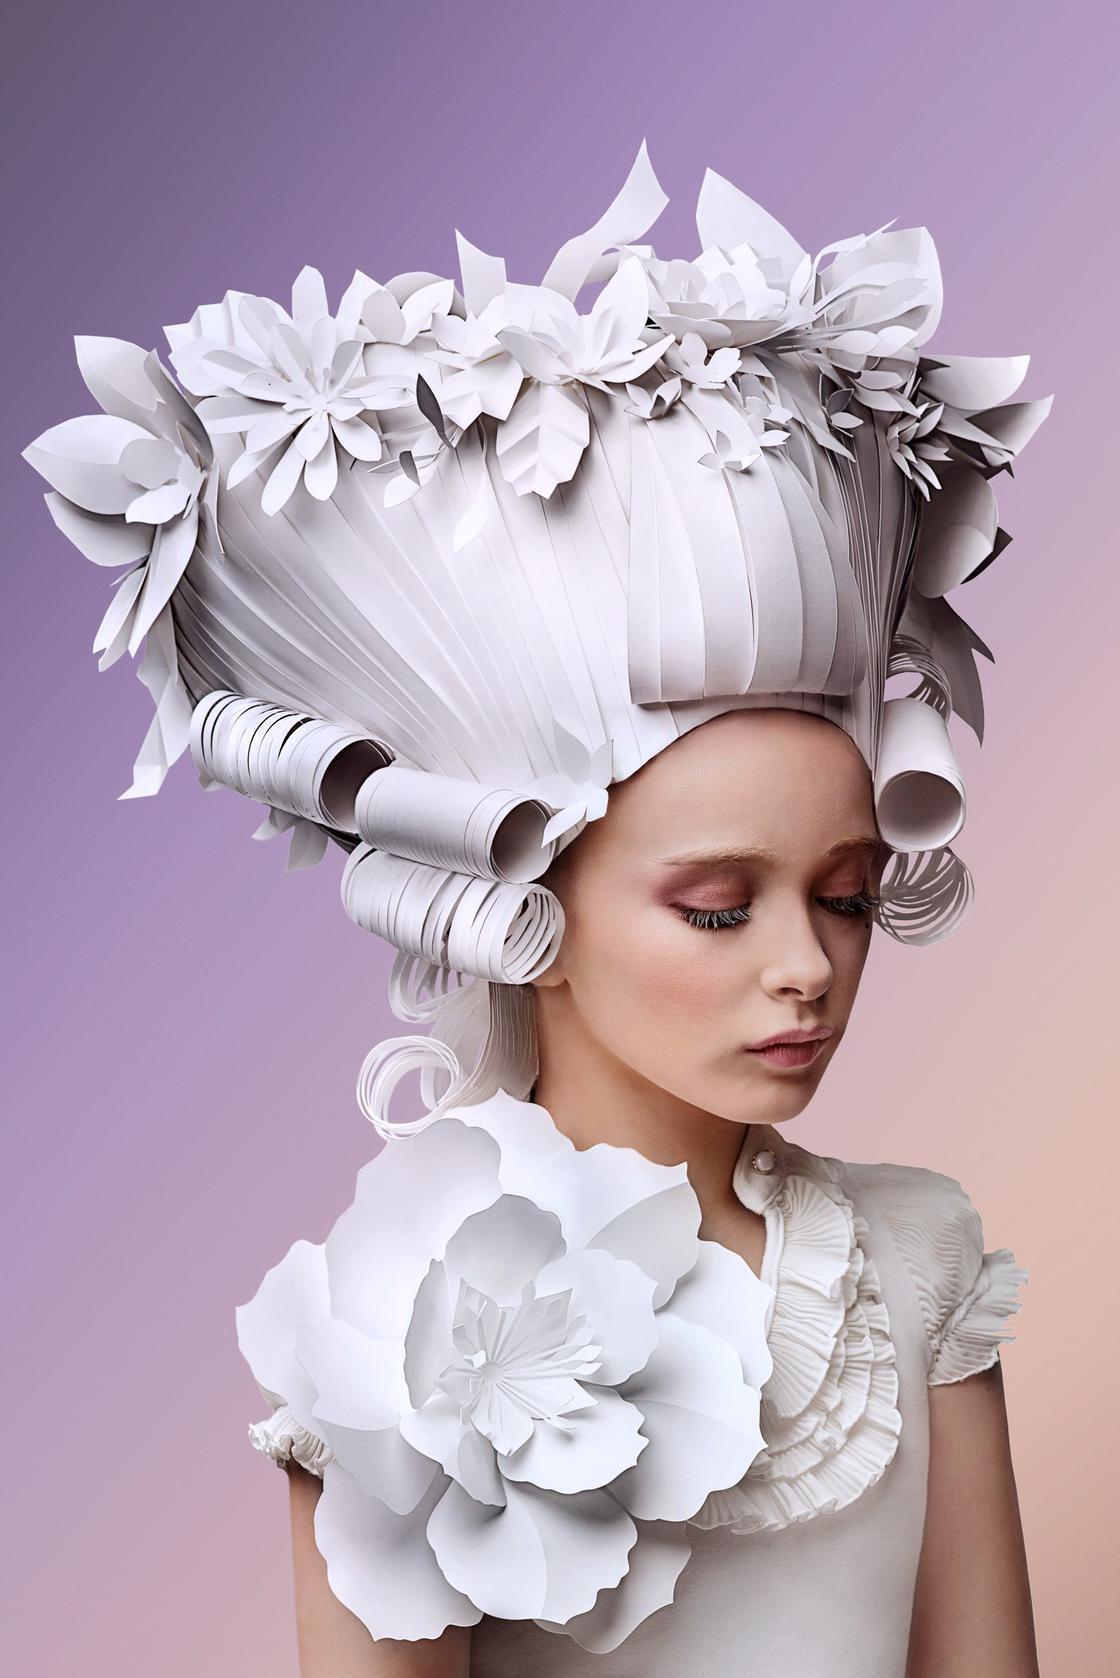 fashion-paper-asya-kozina-16.jpg